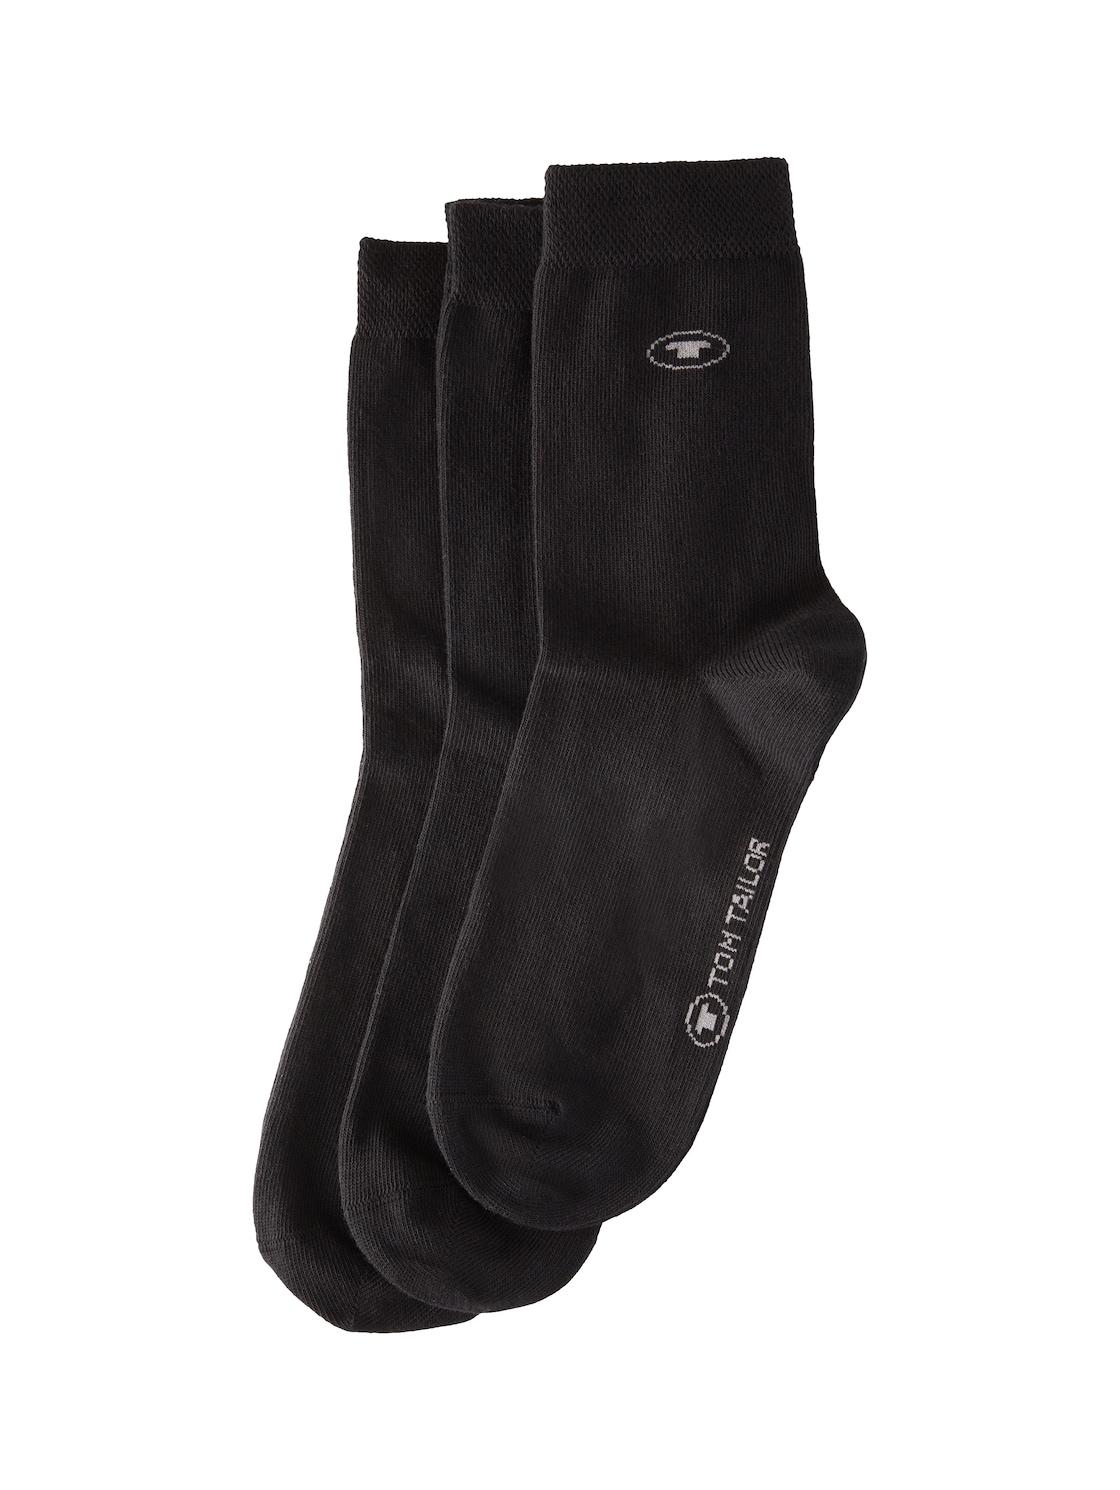 TOM TAILOR Socken im Dreierpack,  black, Größe: 23 26